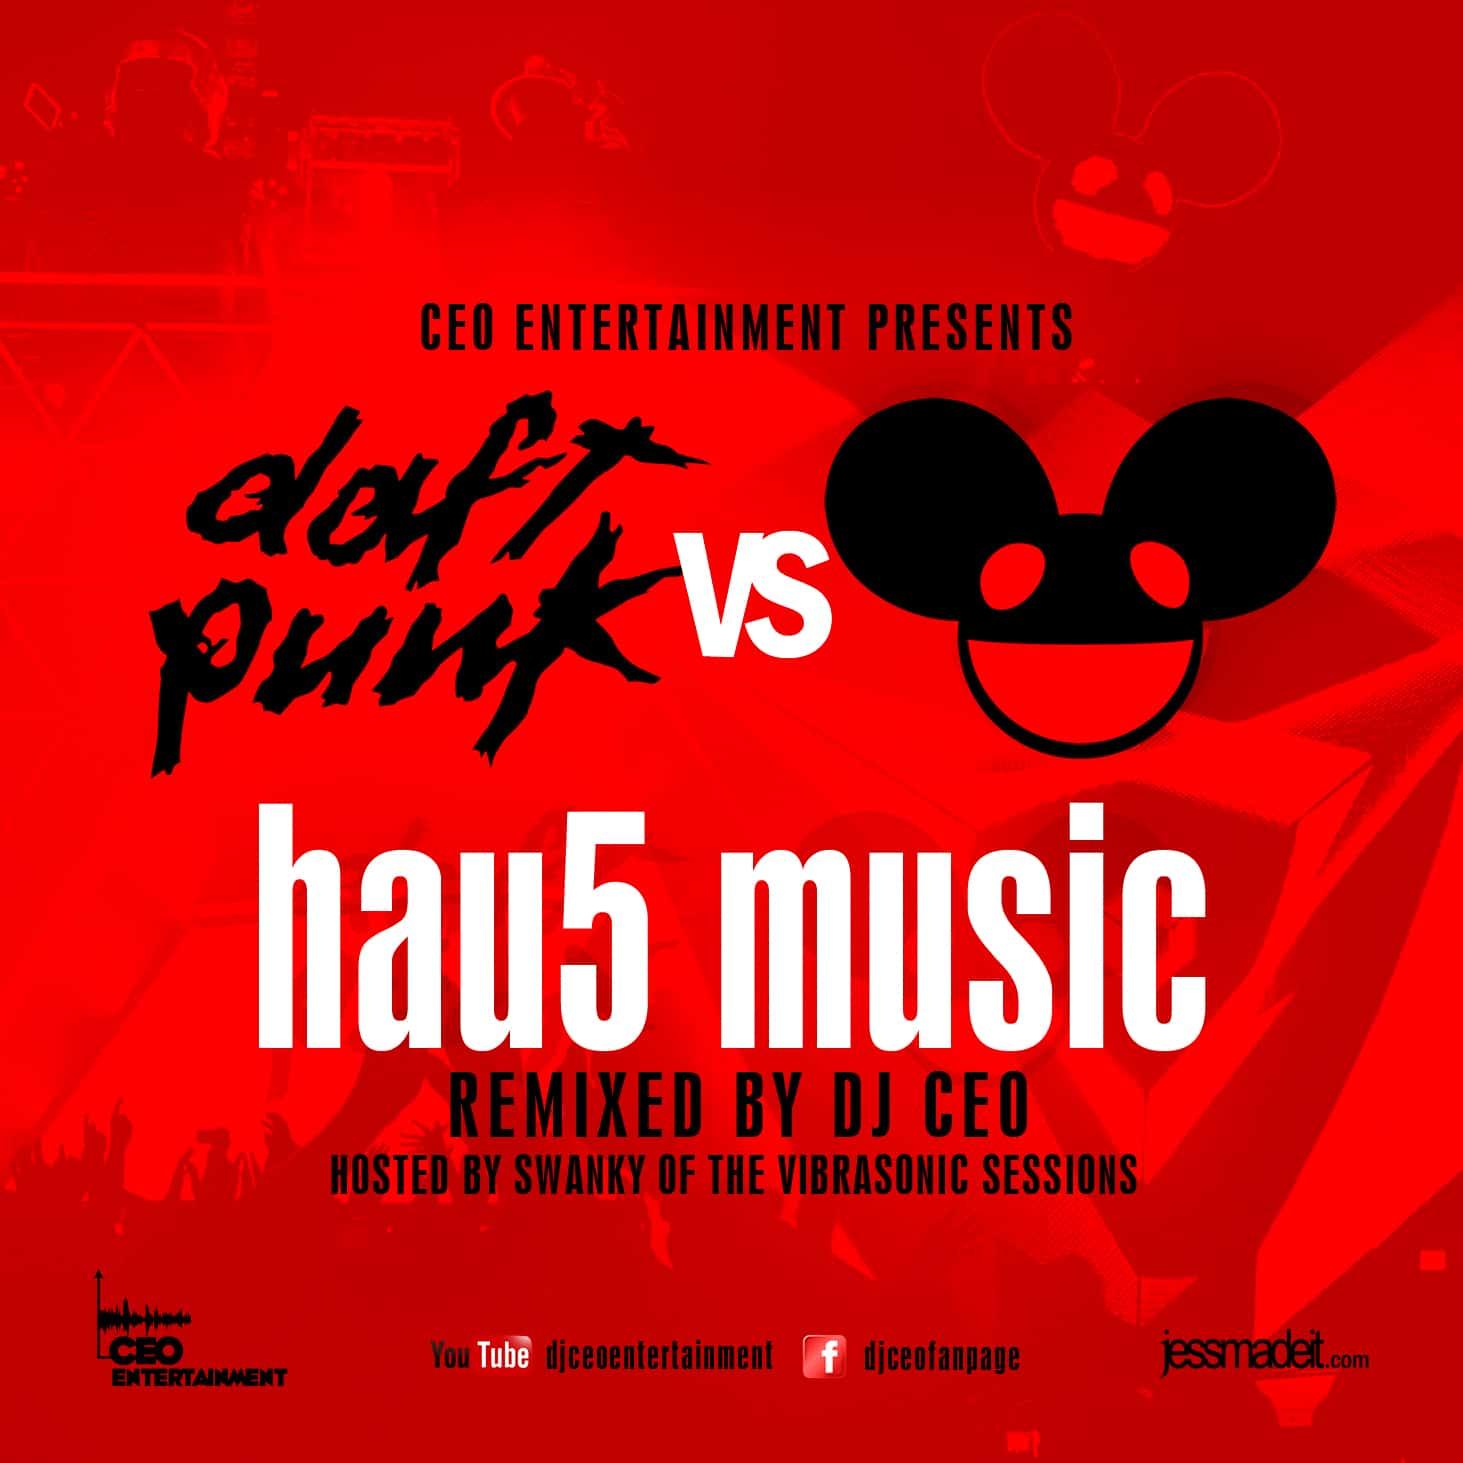 hau5 music